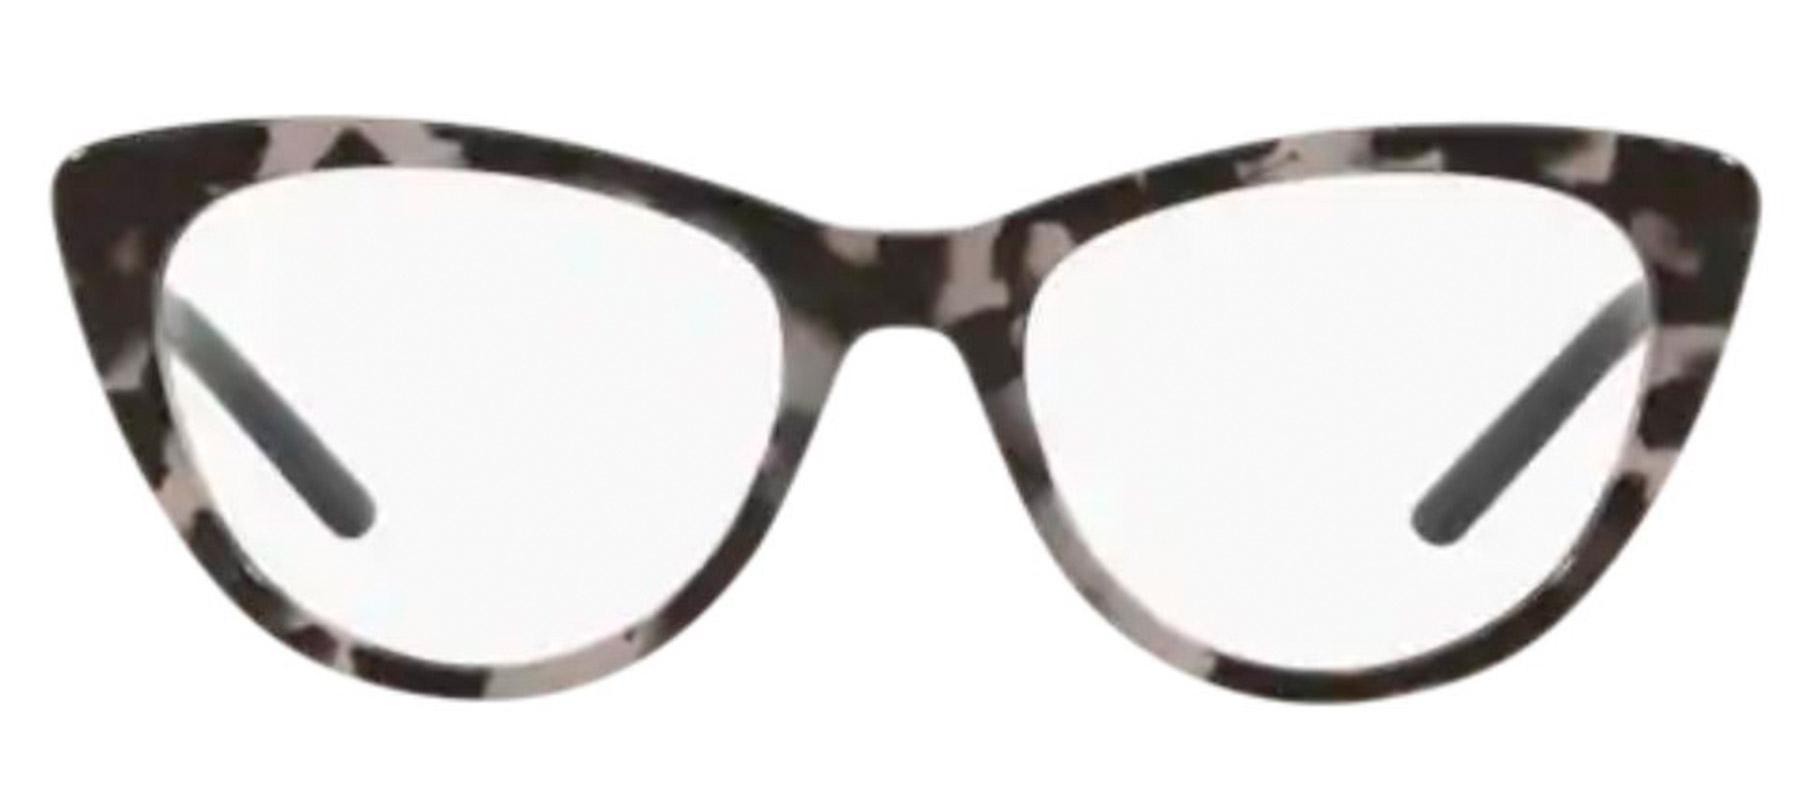 Prada - PR05XV 5101O1 - Óculos de grau